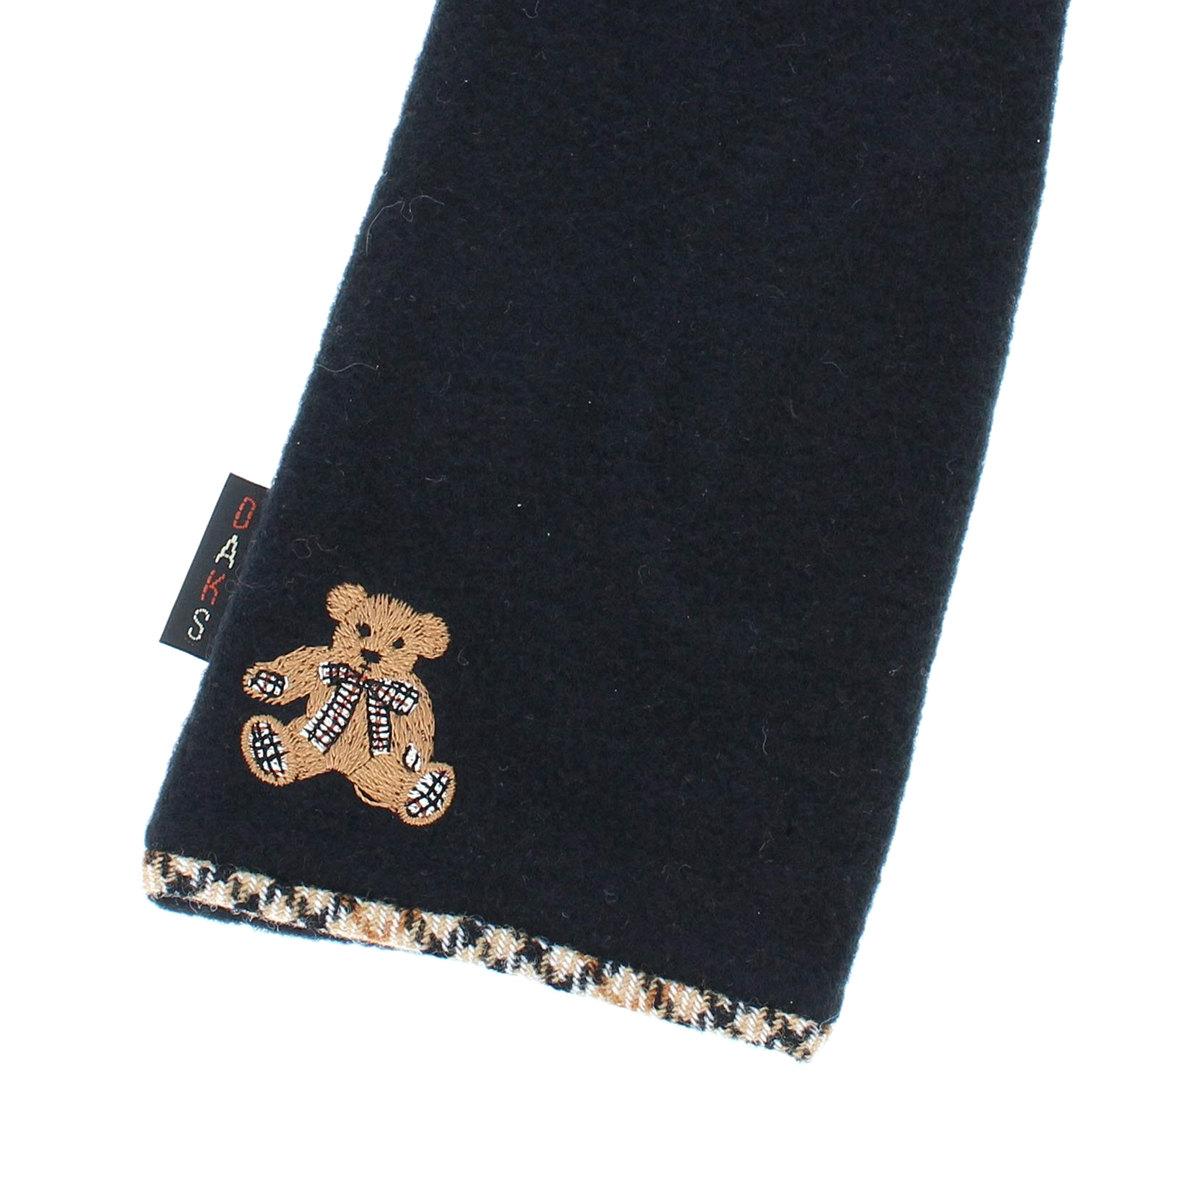 DAKS ダックス レディース ジャージ手袋 テディベア刺繍 ハウスチェックパイピング裾 アクリルテンセル 柔らかジャージ素材 日本製 秋冬 五本指手袋